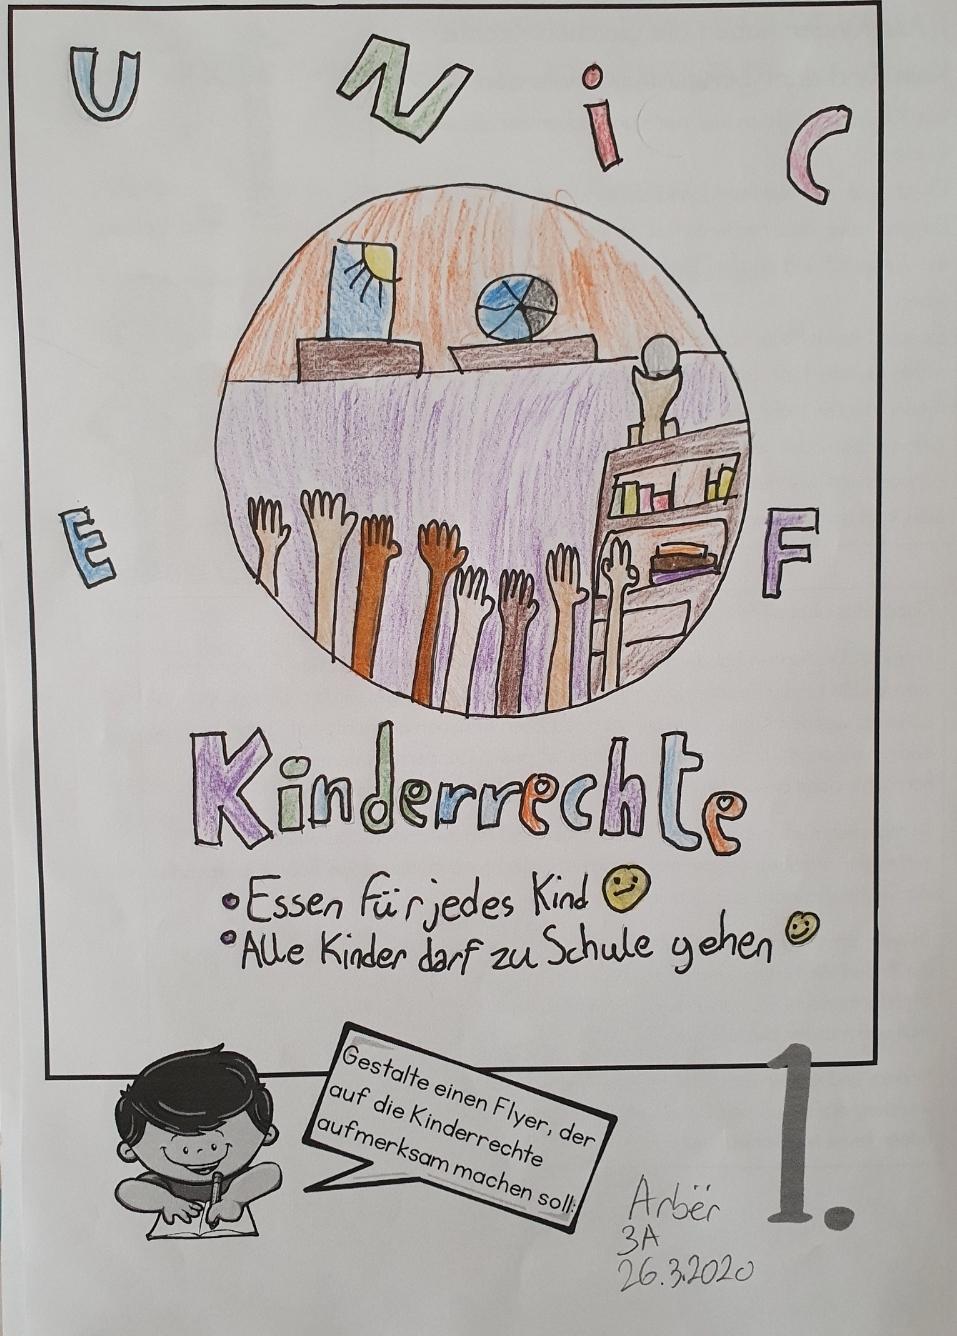 Arber-Flyer-Kinderrechte